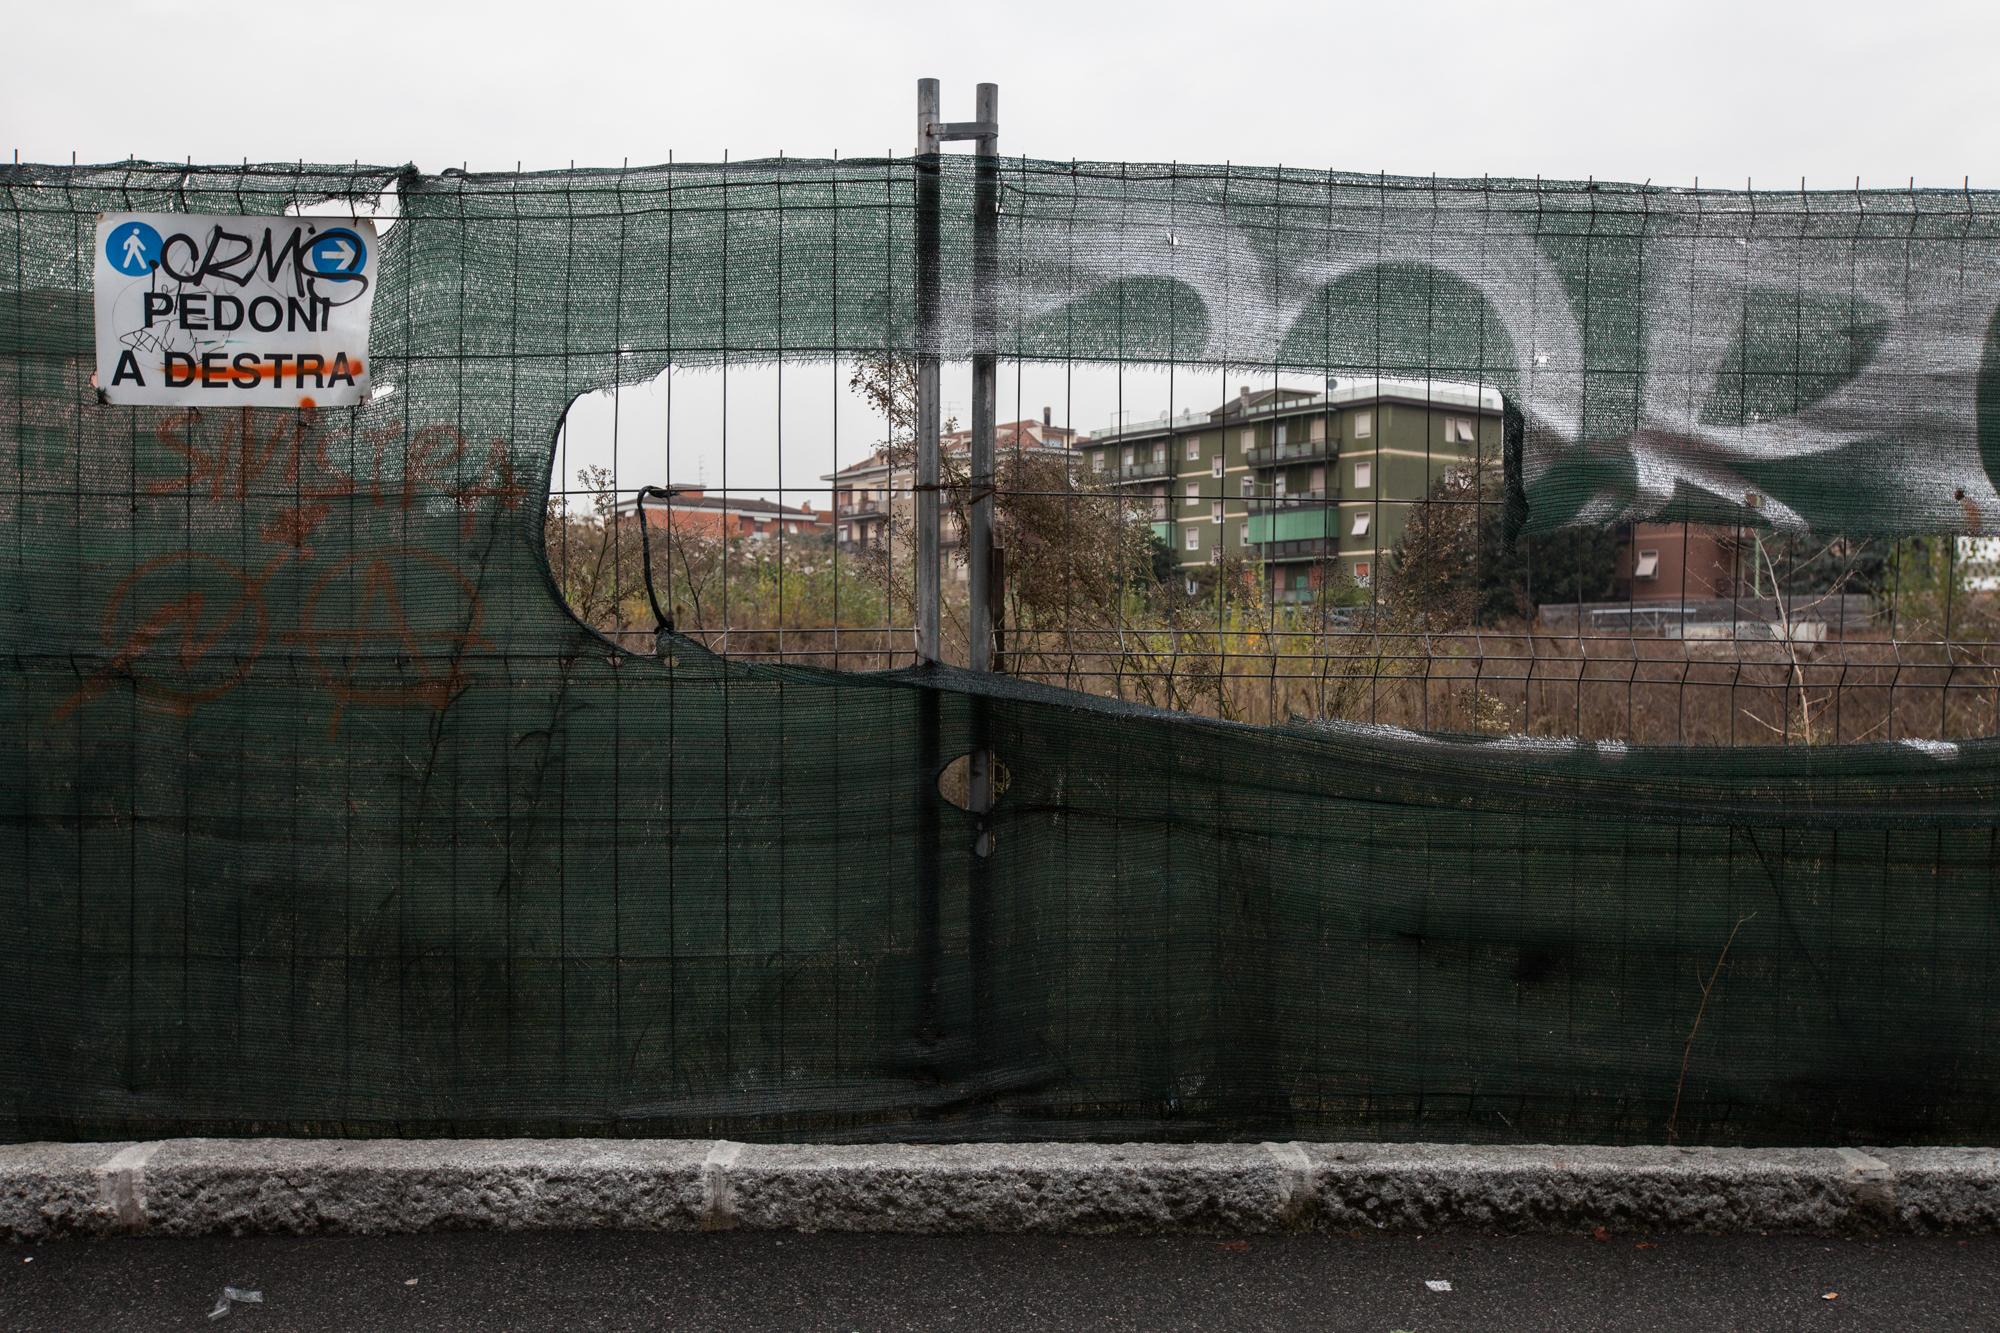 Aree verdi in pieno centro a Brescia abbandonate o poste sotto sequestro dalla magistratura a causa dell'inquinamento da PCB. La bonifica non è mai veramente iniziata.Brescia / Italia. Ottobre 2013